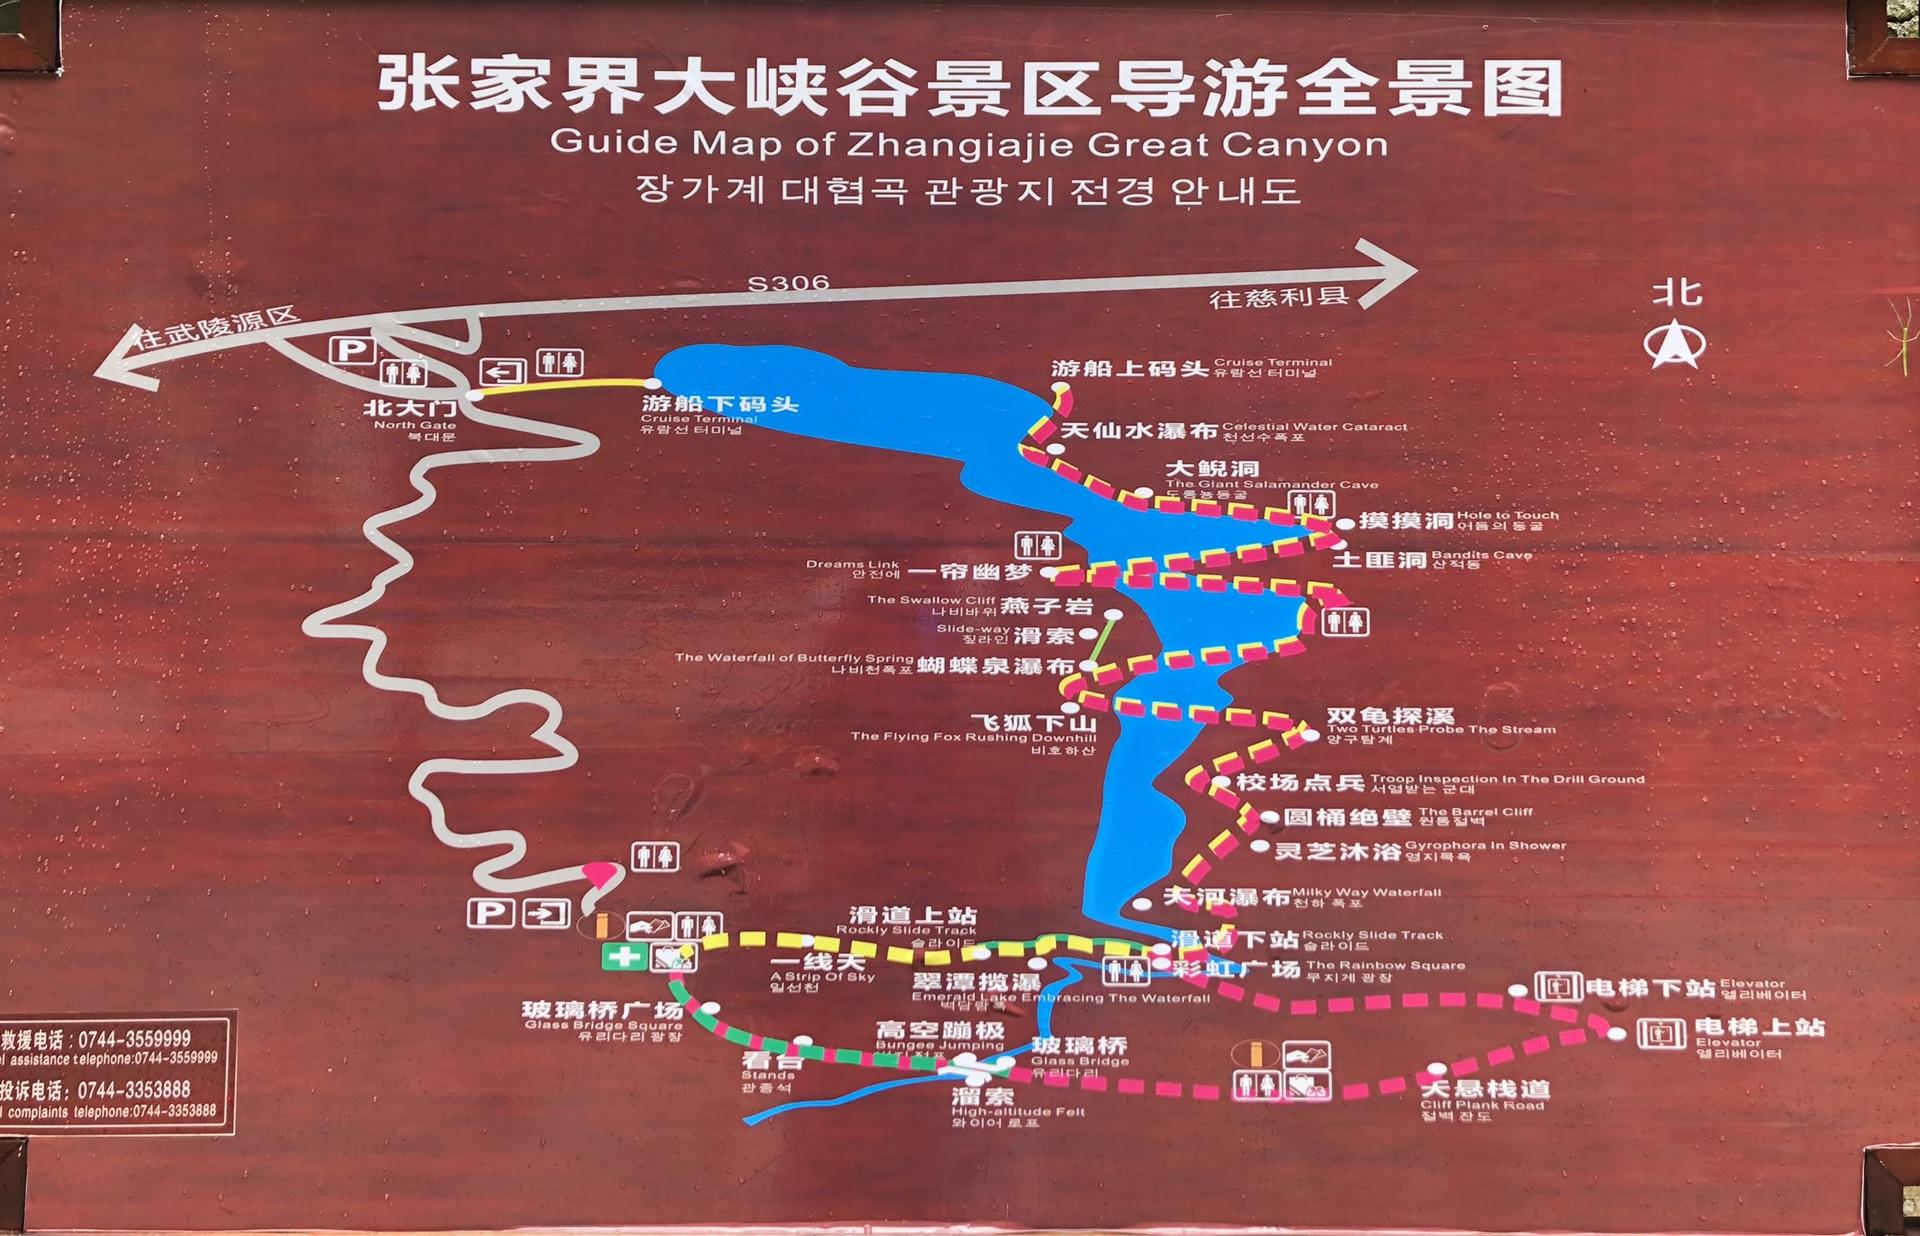 zhangjiajie grand canyon tourist map